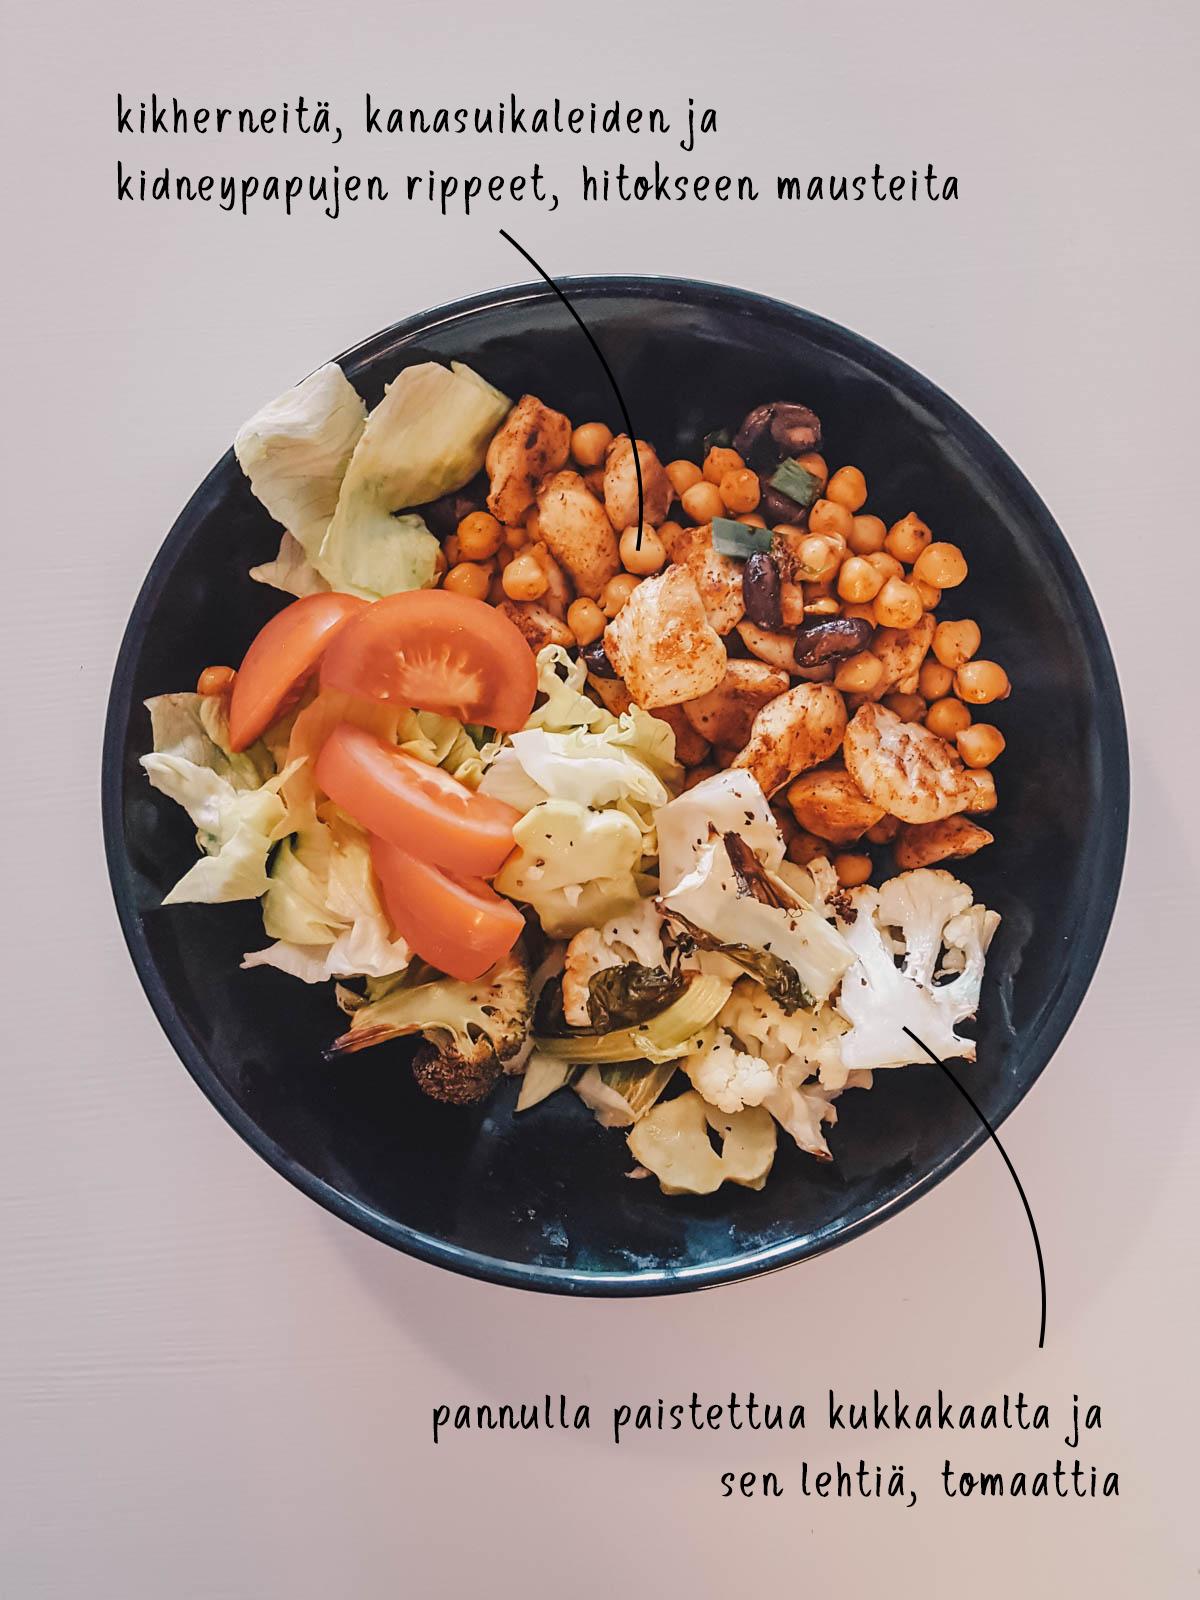 ruokahavikki-miten-valttaa-2018.jpg